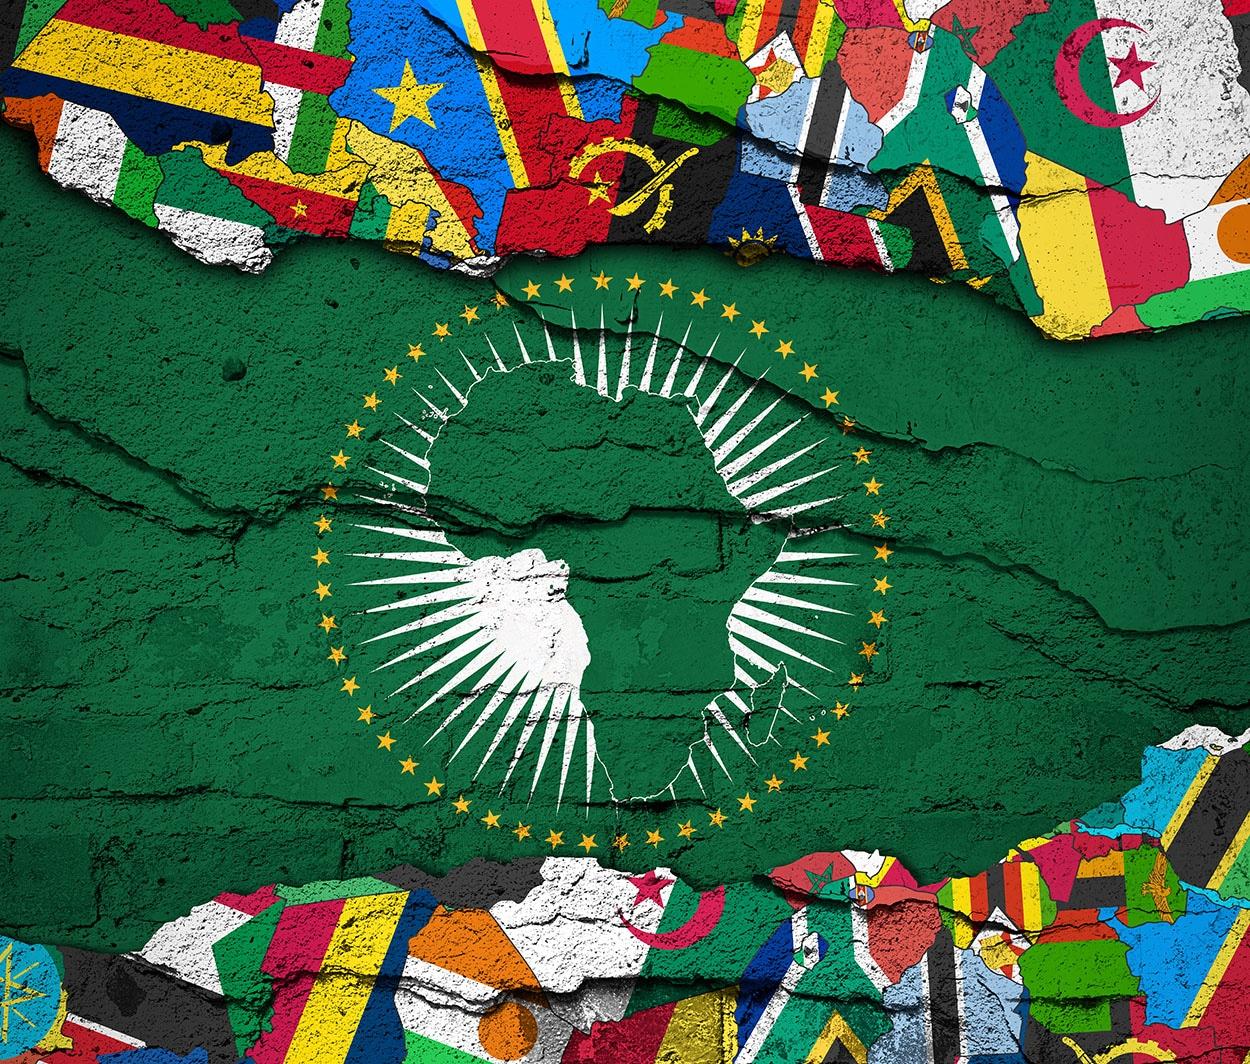 Comunidad afrodescendiente fundación ayabs make the world a better place